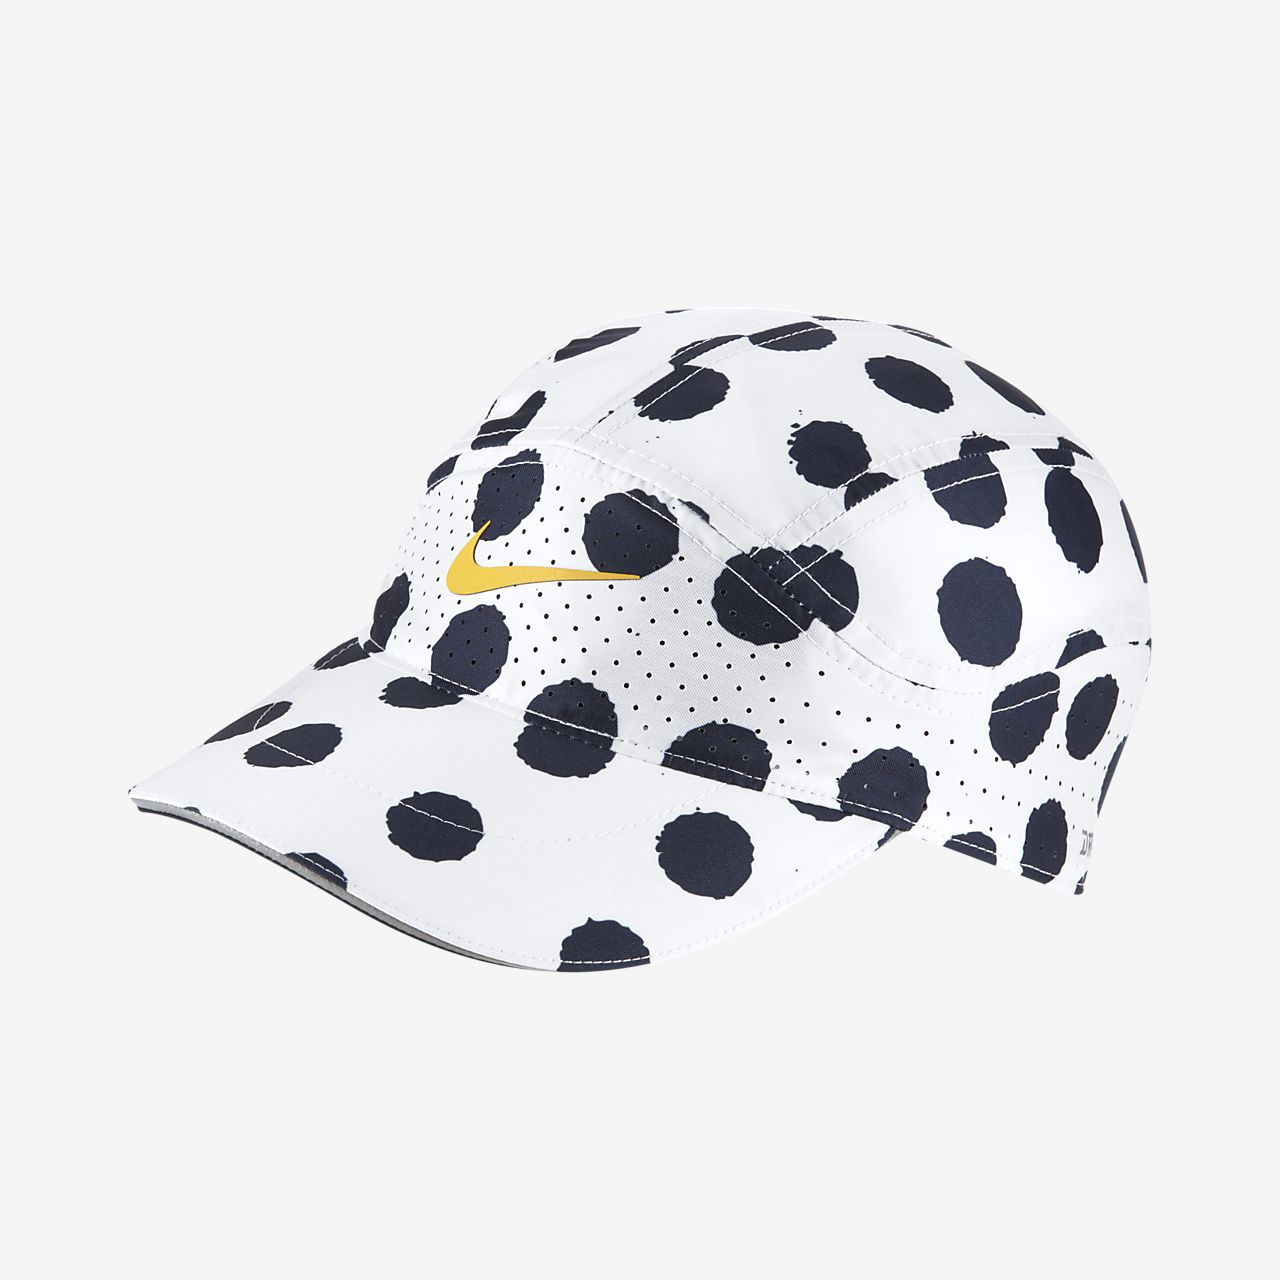 Ρυθμιζόμενο καπέλο για τρέξιμο Nike AeroBill Tailwind A.I.R. Cody Hudson